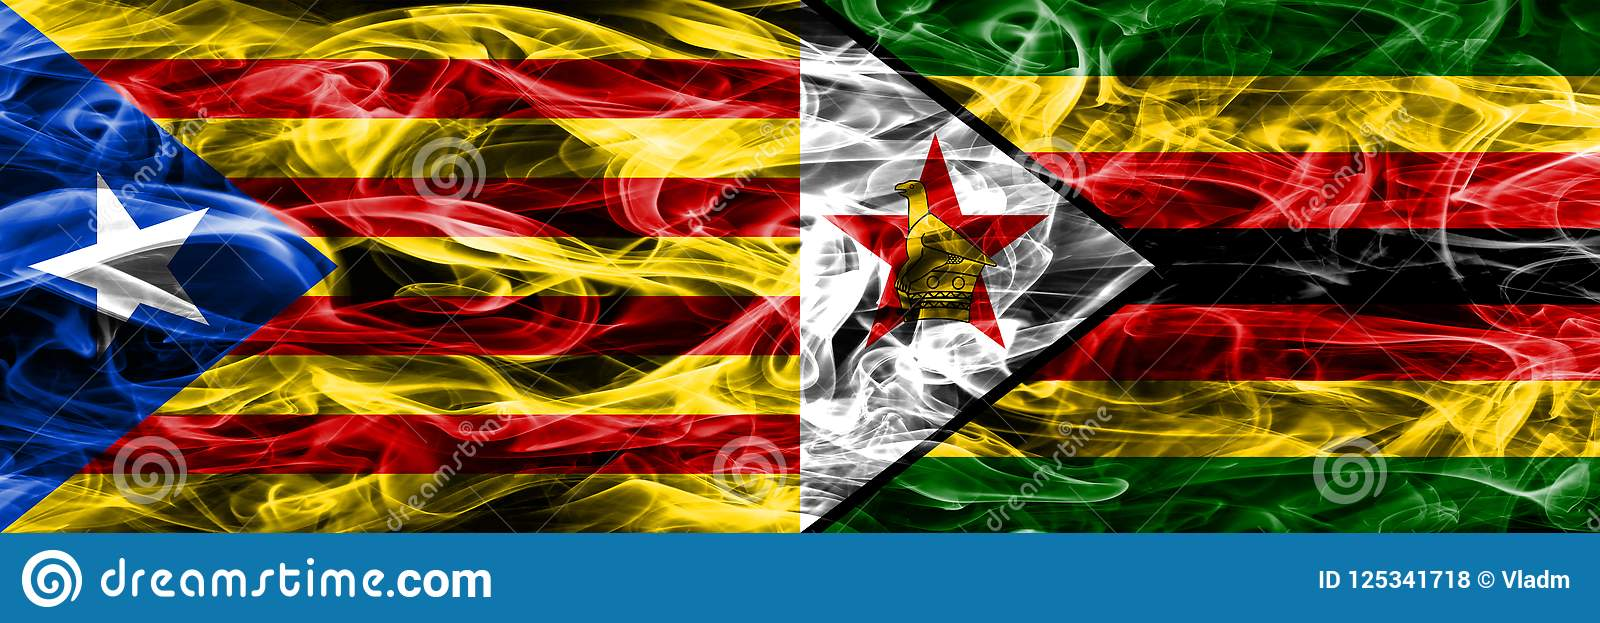 La Catalogne contre des drapeaux de fumée de copie du Zimbabwe placés côte à côte Les drapeaux soyeux profondément colorés de fum